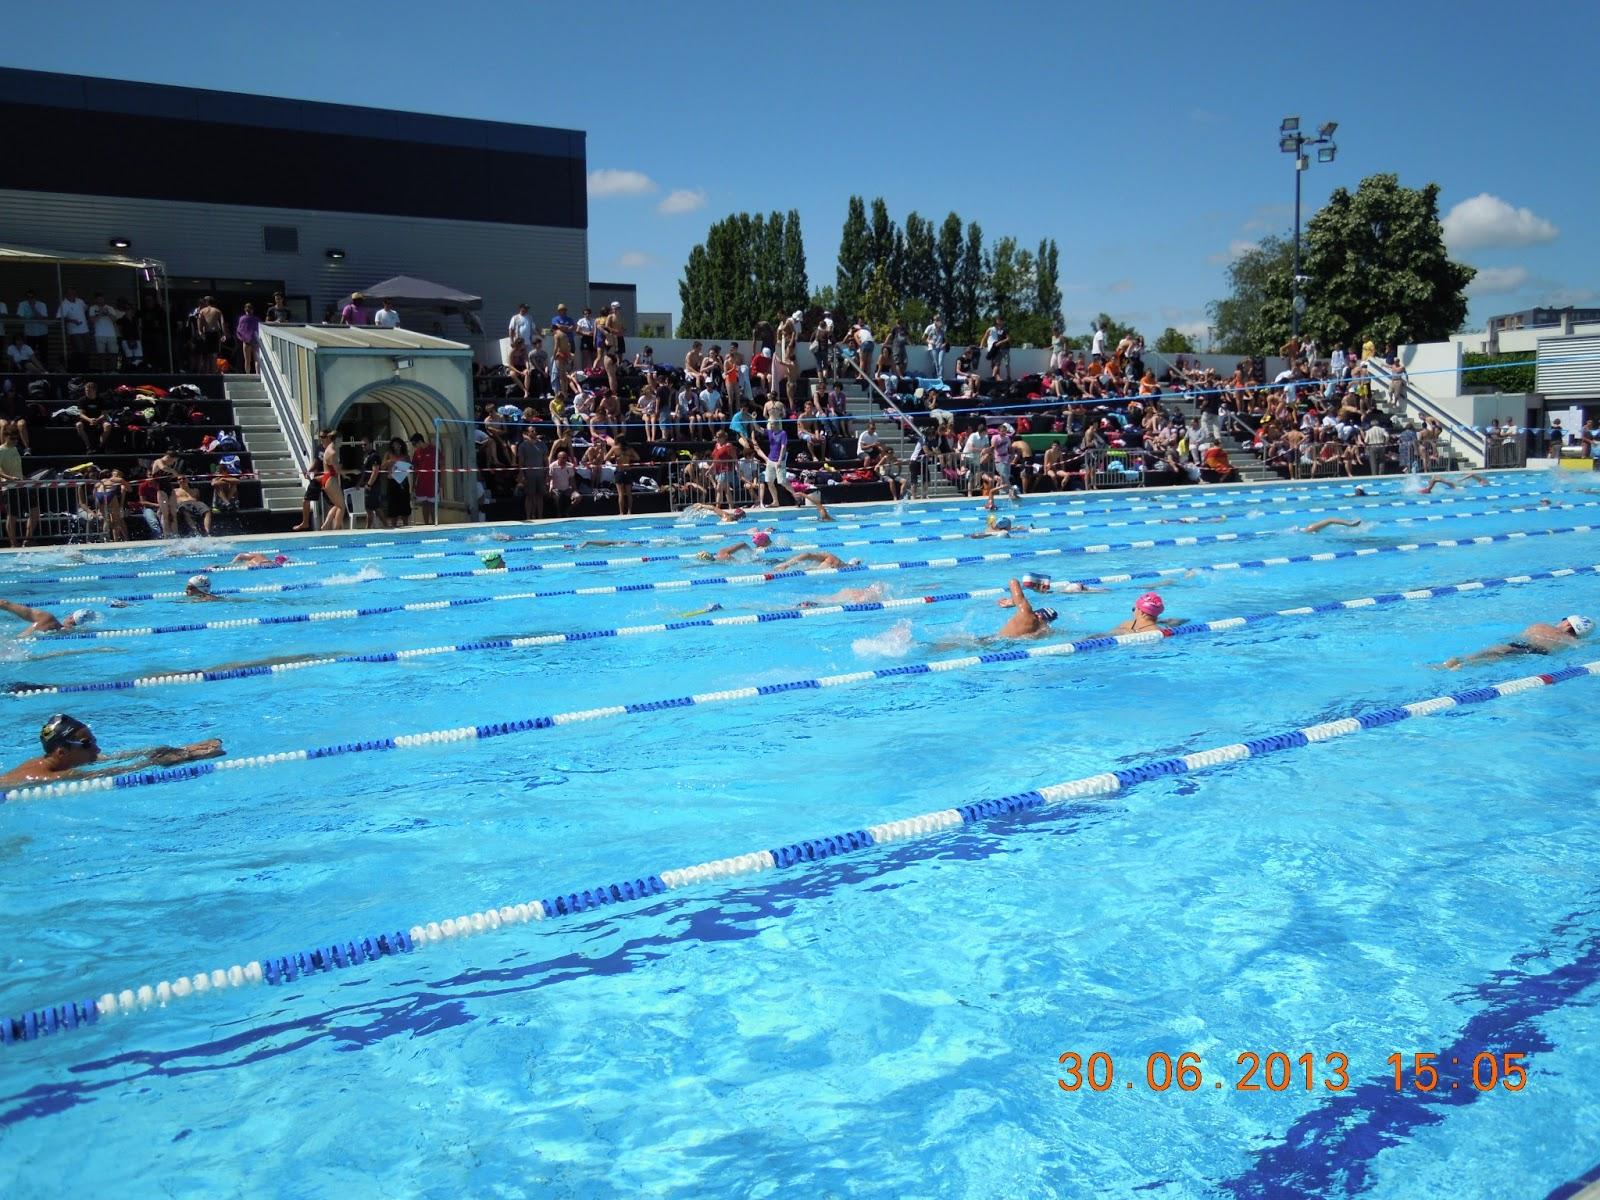 Les derni res nouvelles ecn club de natation ecn for Club piscine laval autoroute 15